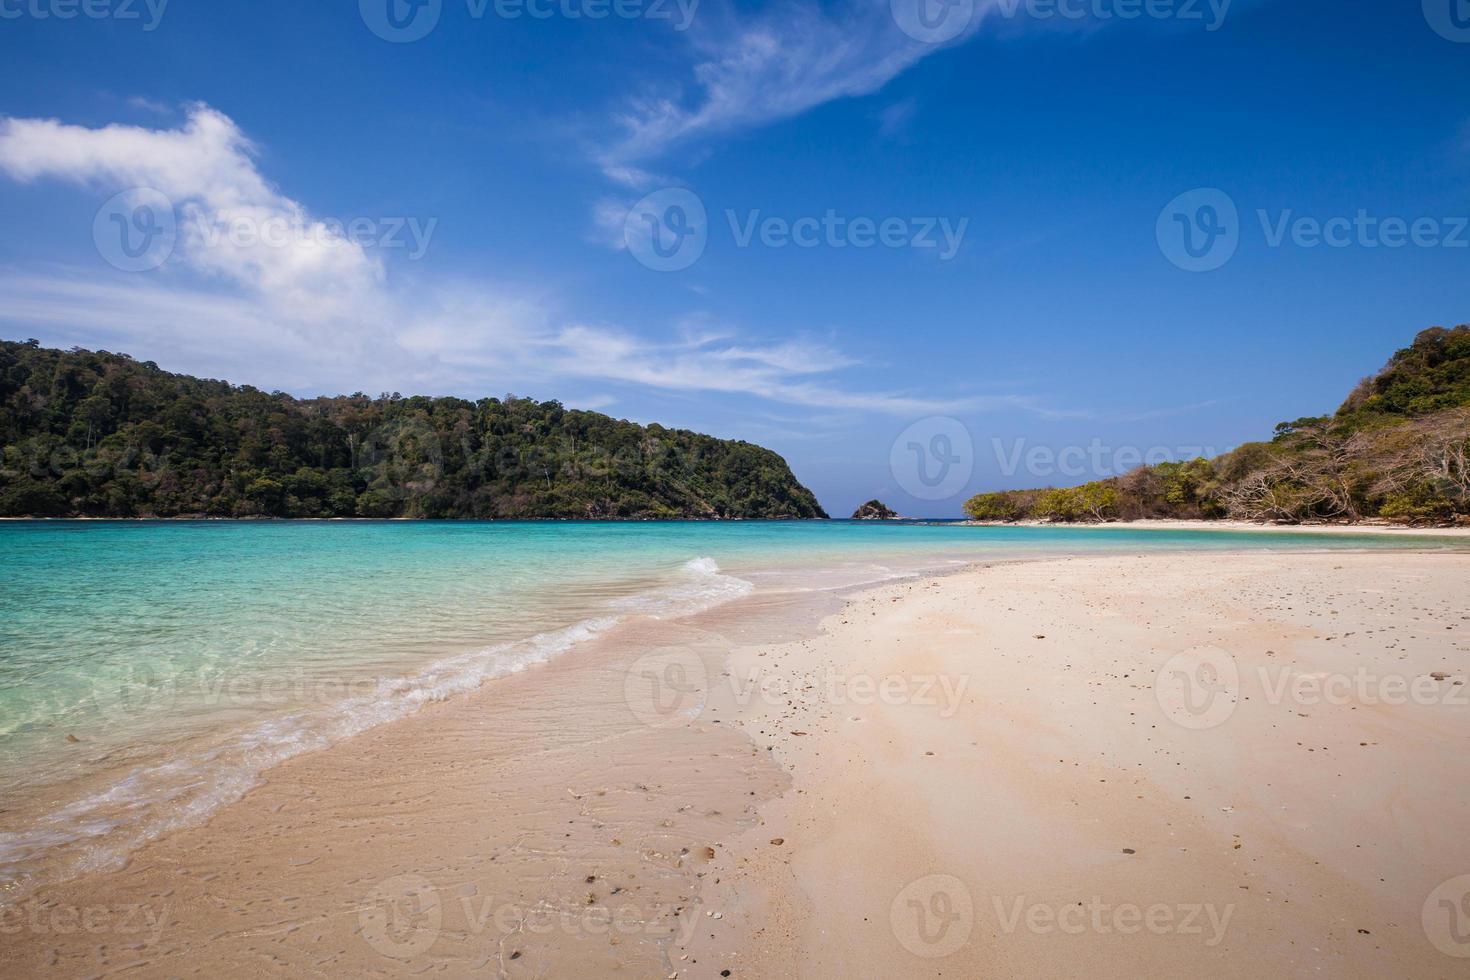 playa de arena blanca y agua azul foto